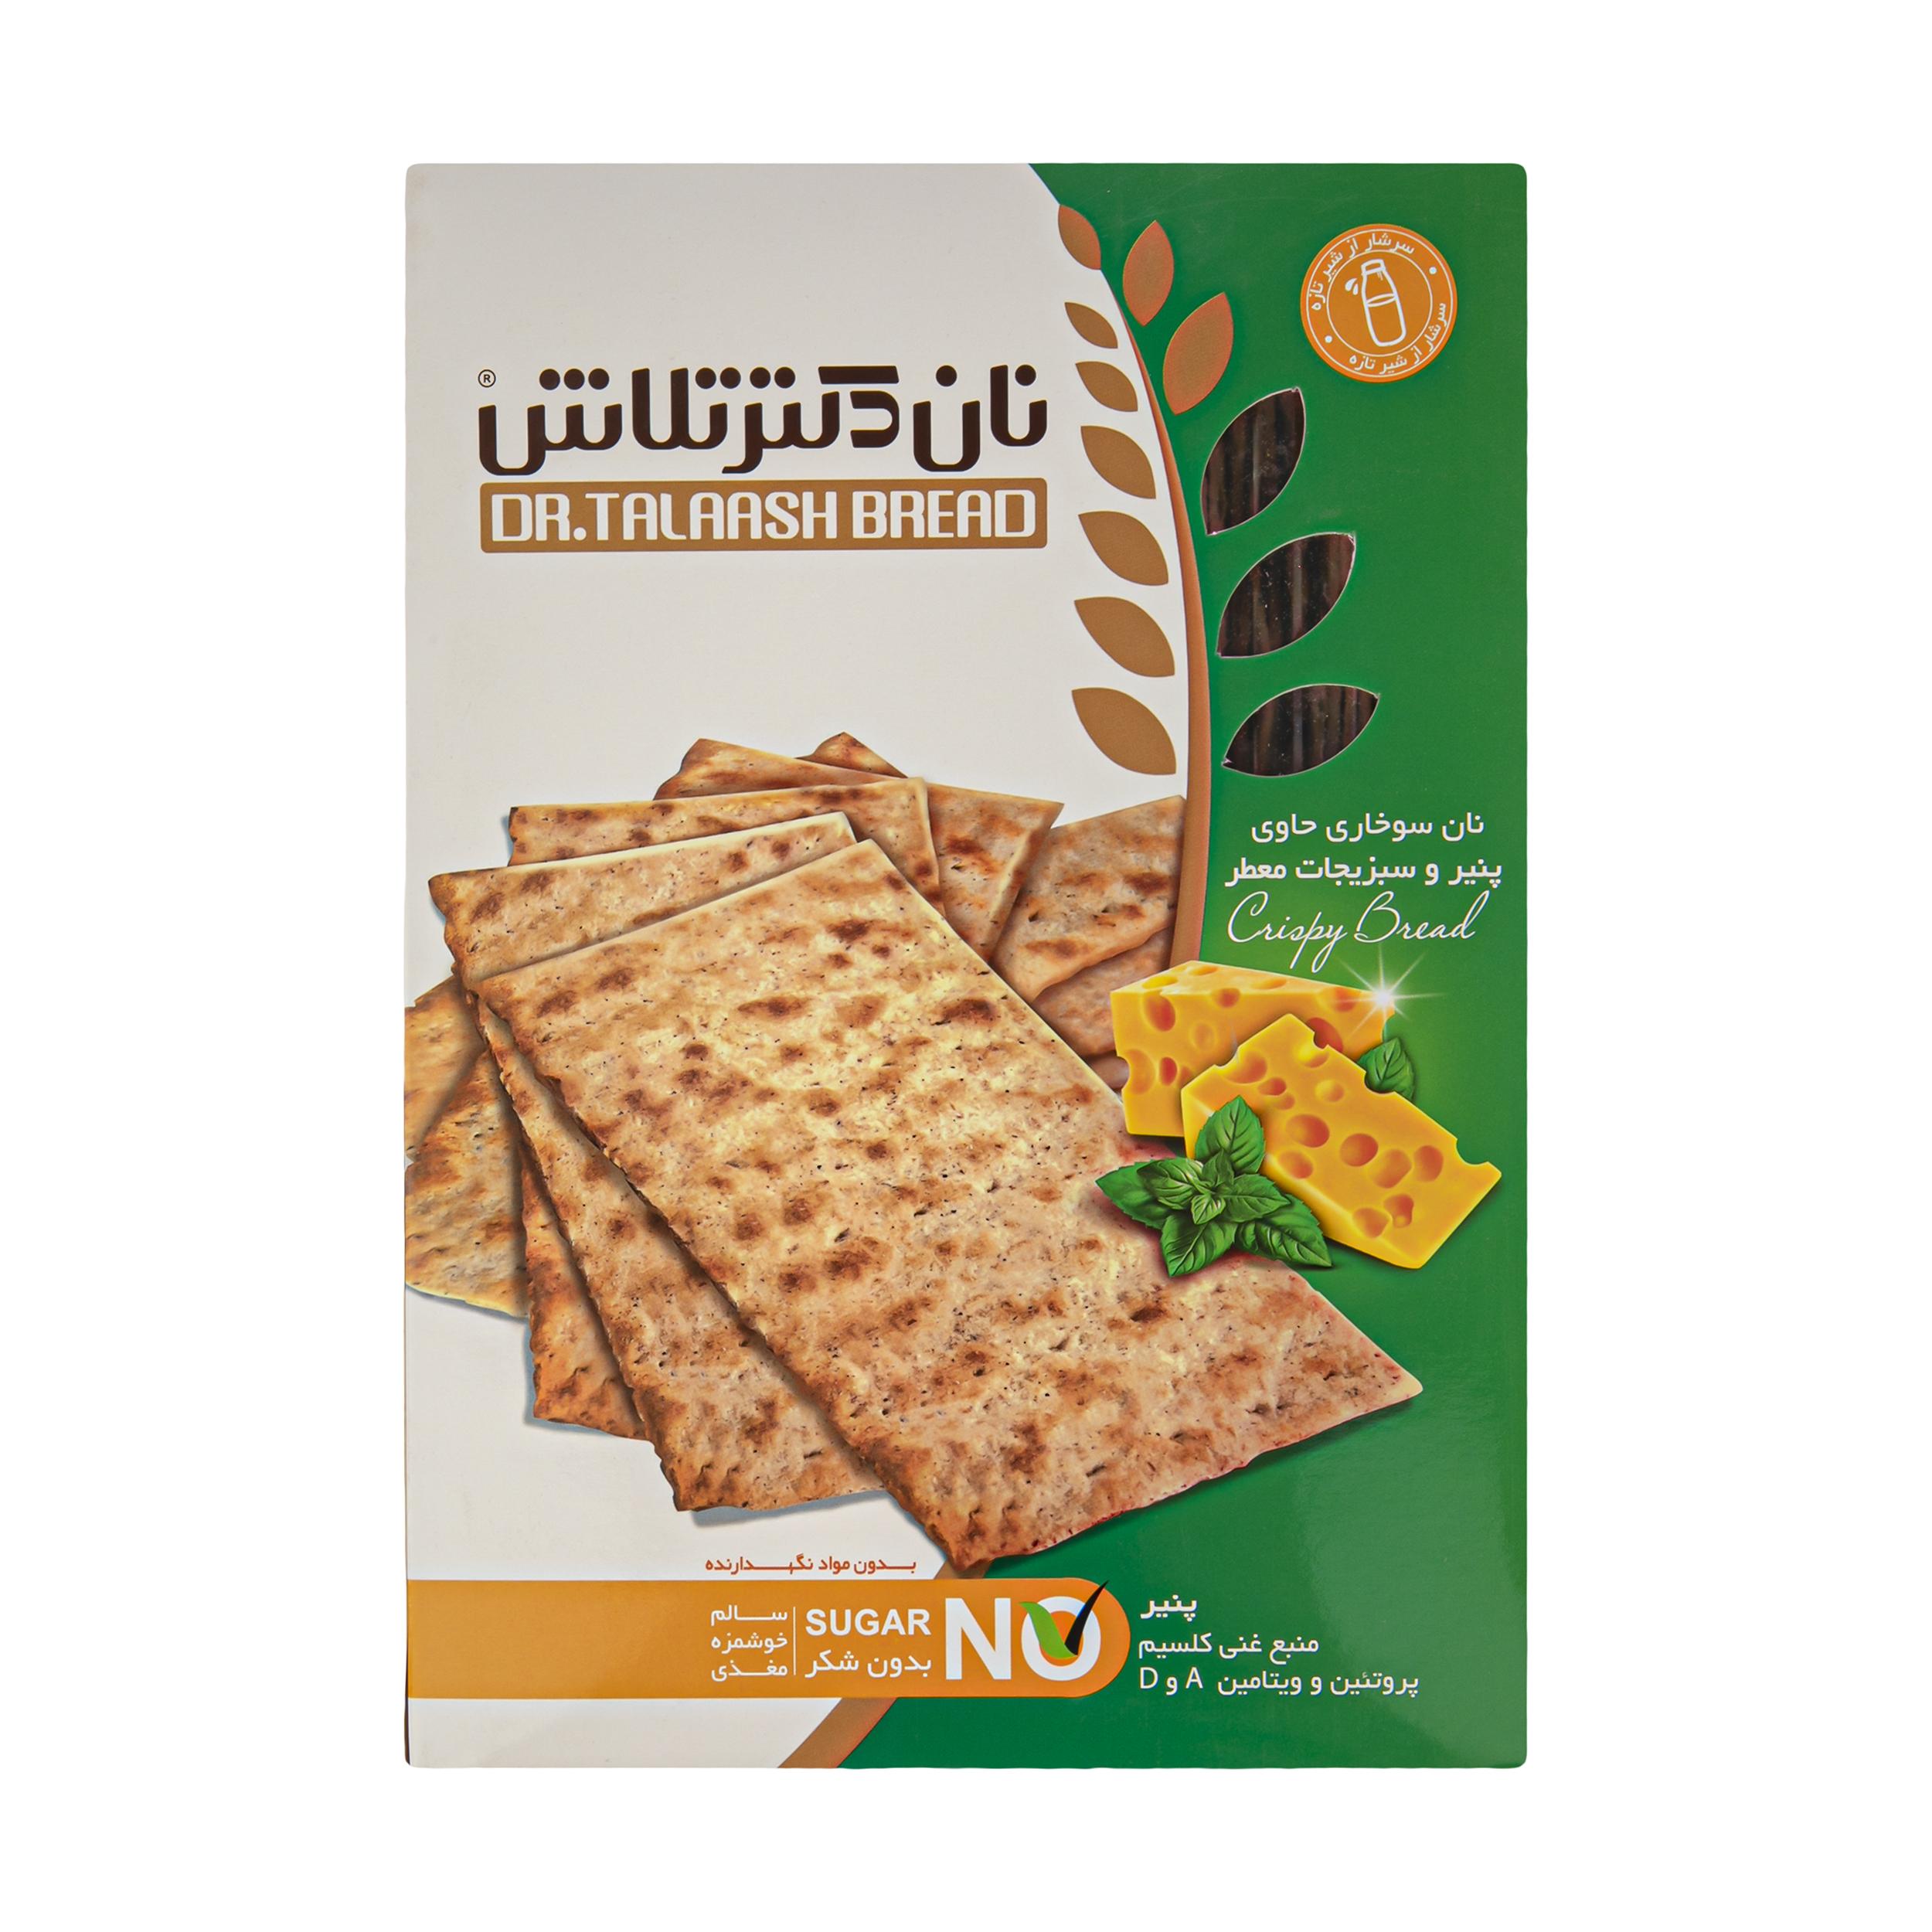 نان سوخاری با پنیر و سبزیجات معطر نان دکتر تلاش - 400 گرم